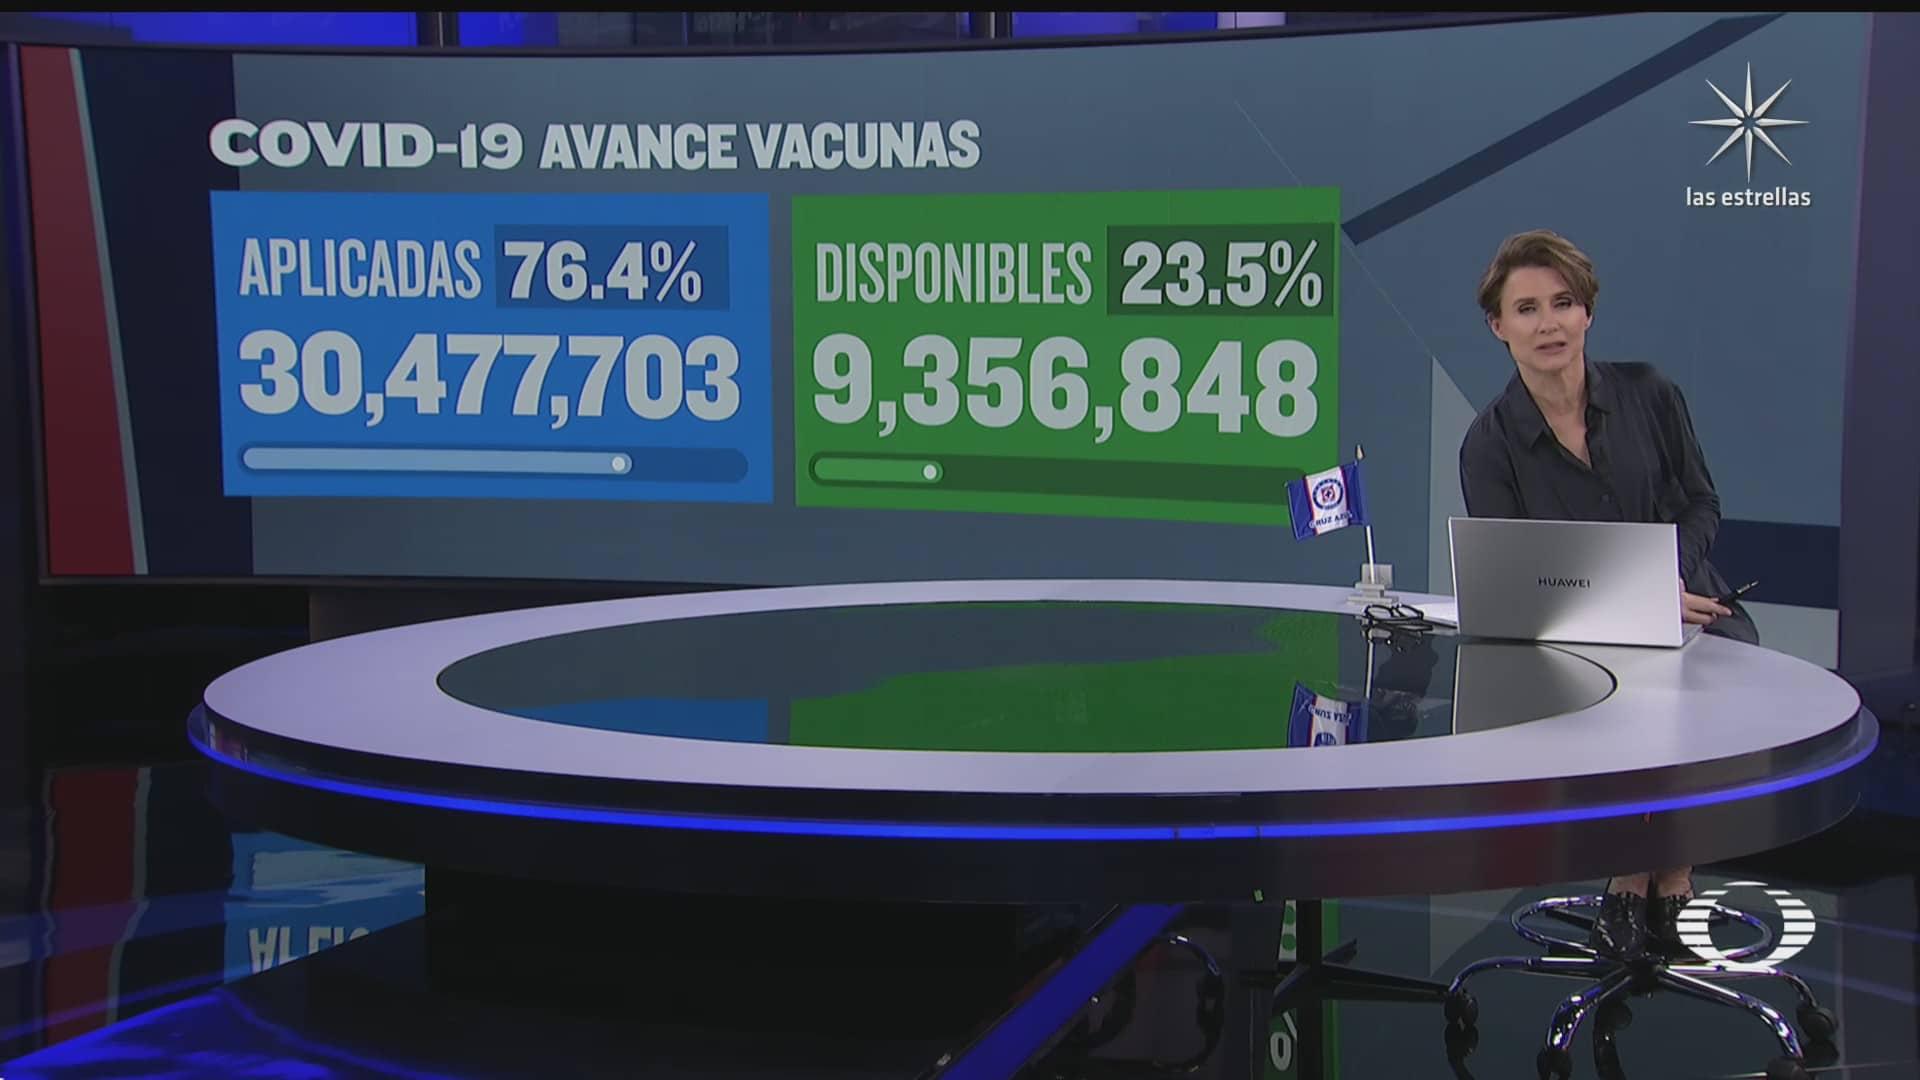 se han aplicado en mexico 30 millones 477 mil 703 vacunas contra covid